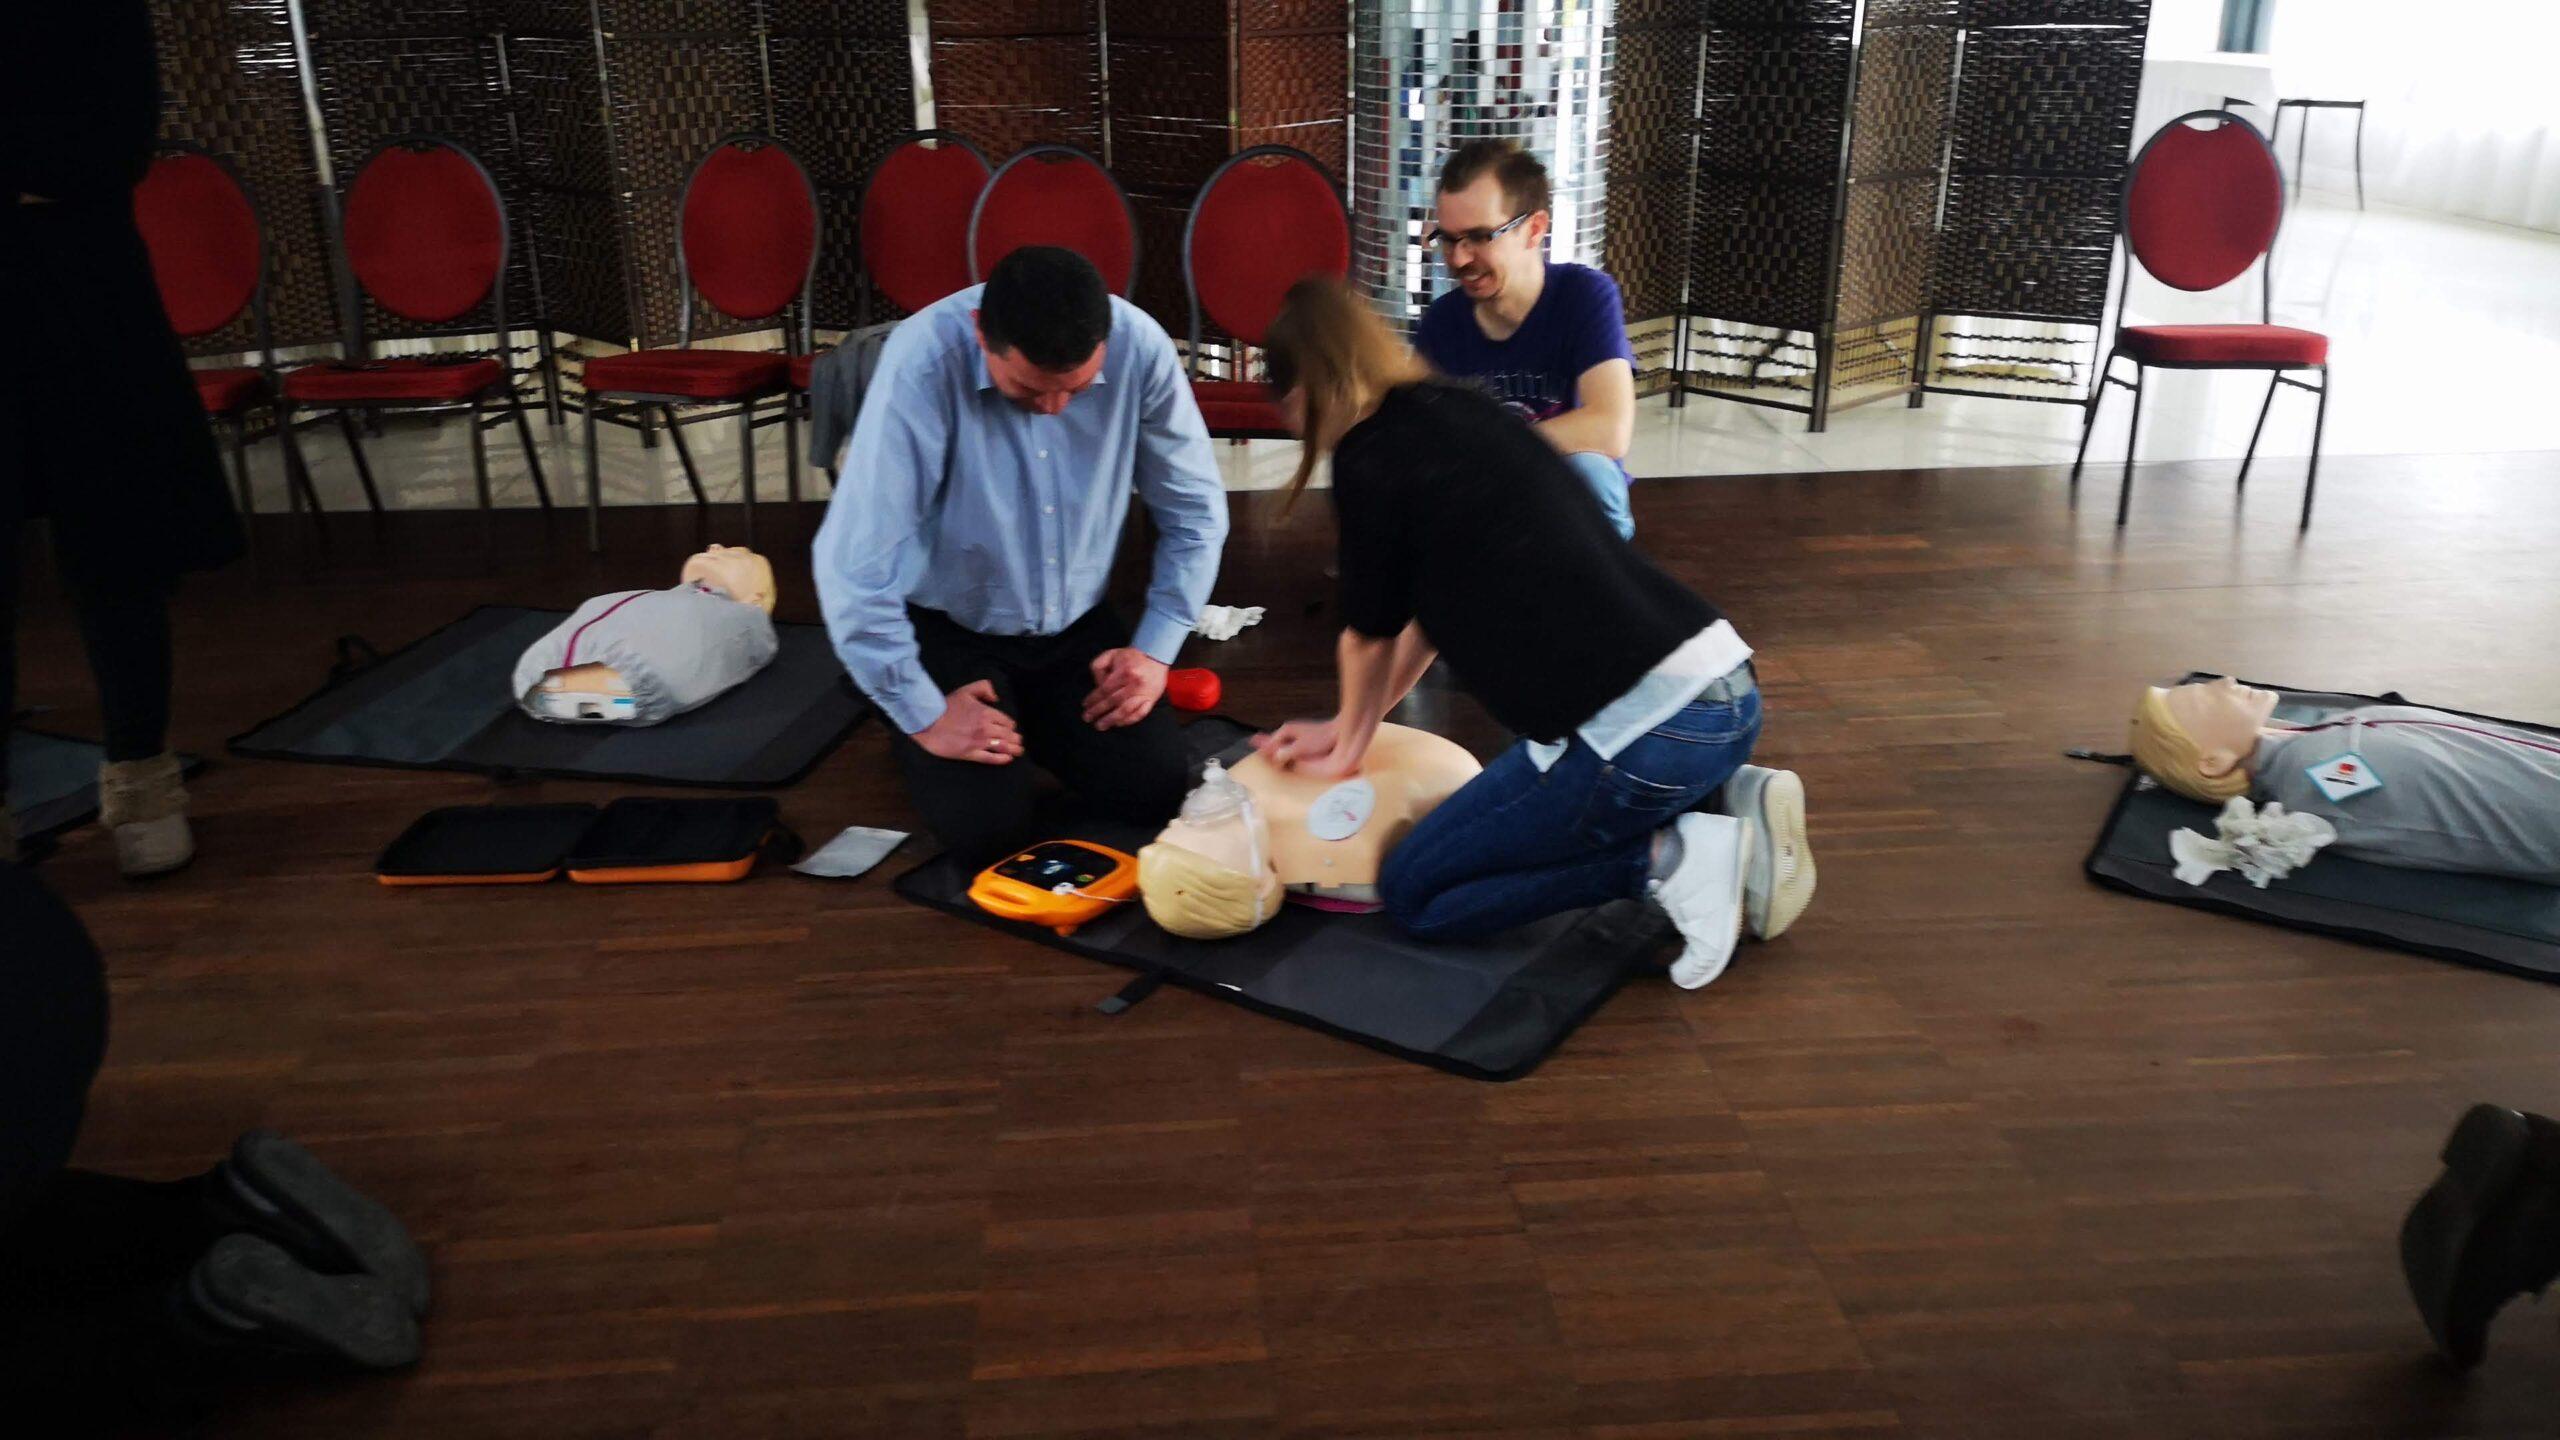 kurs pierwszej pomocy torun